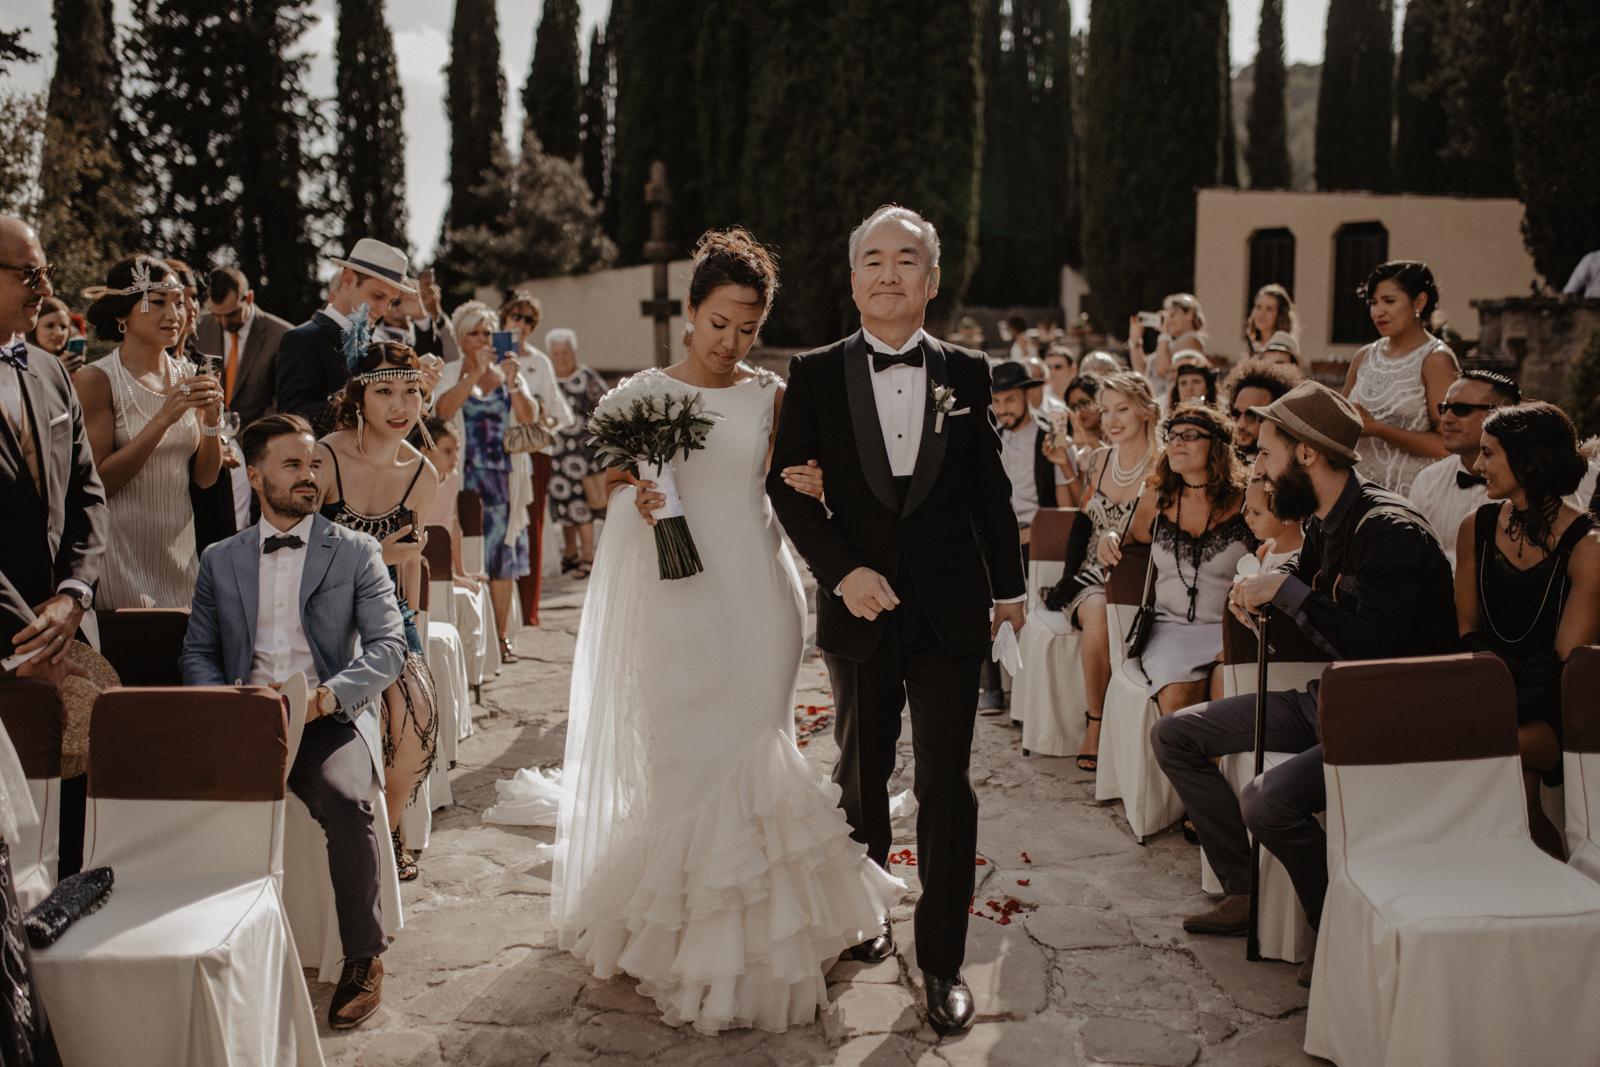 thenortherngirlphotography_photography_thenortherngirl_rebeccascabros_wedding_weddingphotography_weddingphotographer_barcelona_bodaenlabaronia_labaronia_japanesewedding_destinationwedding_shokoalbert-393.jpg